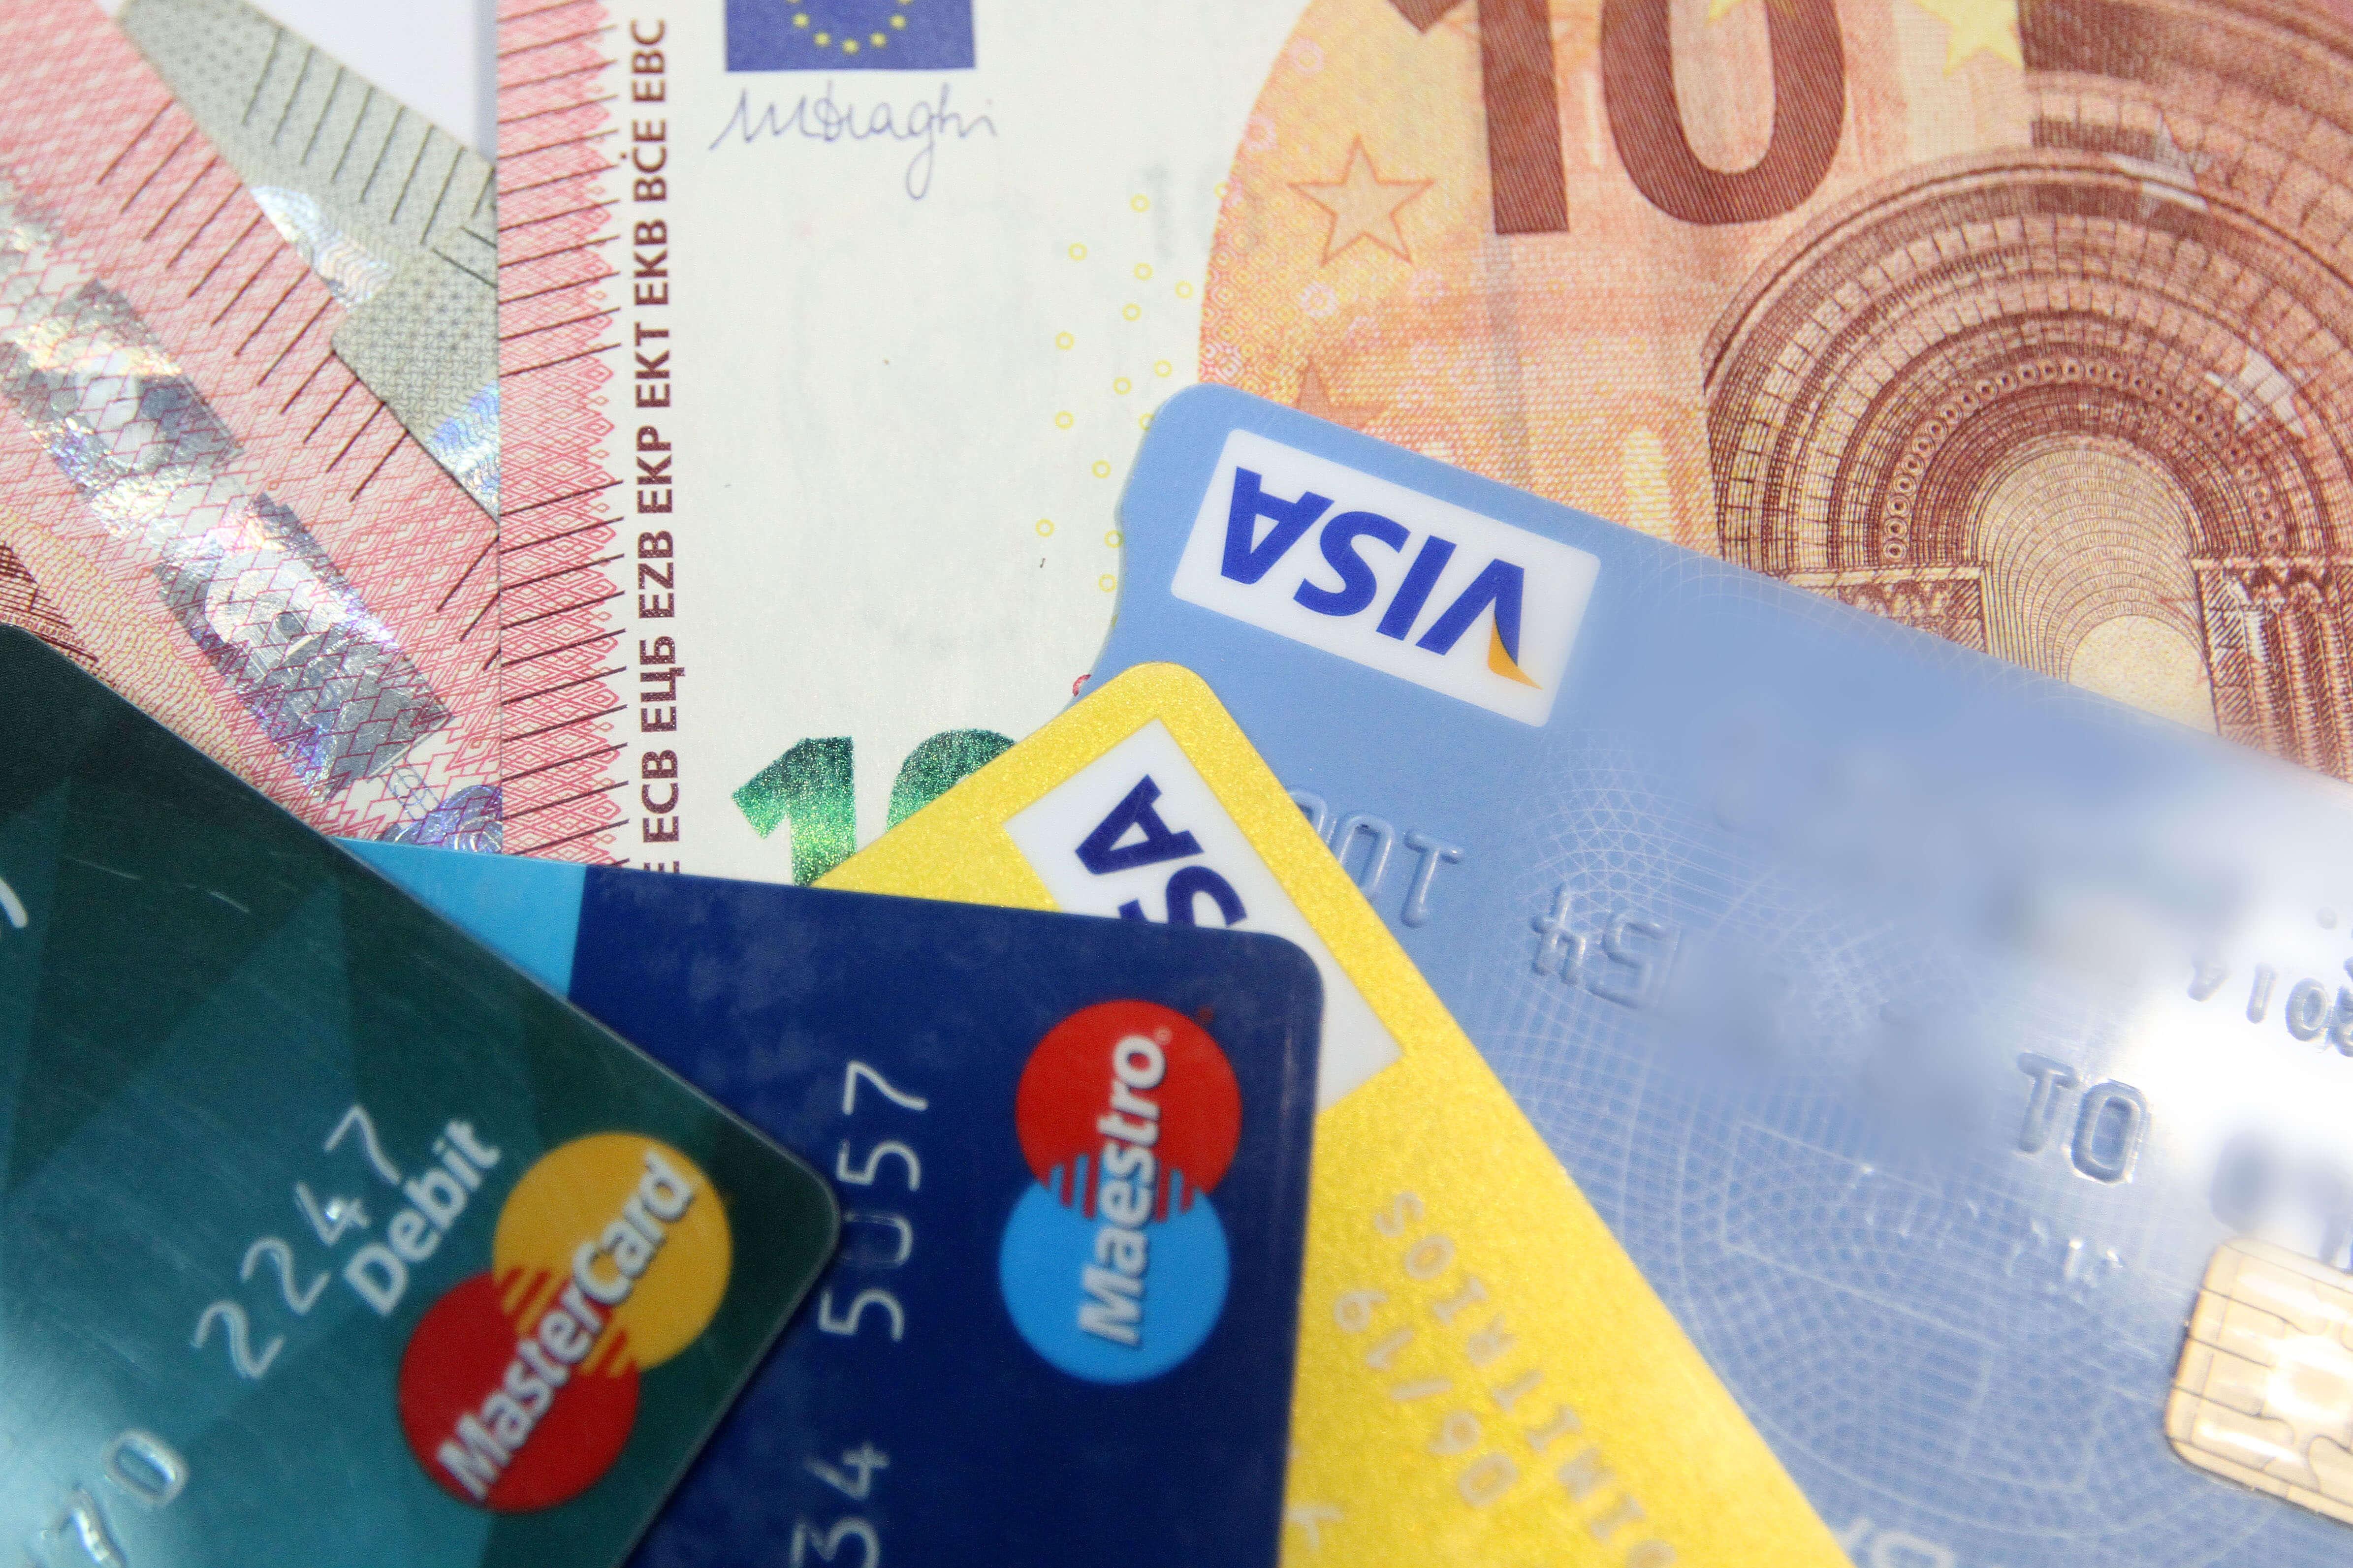 """""""Έκρηξη"""" χρεωστικών καρτών στην Ελλάδα - 540.000 μόνο το πρώτο εξάμηνο του 2019!"""